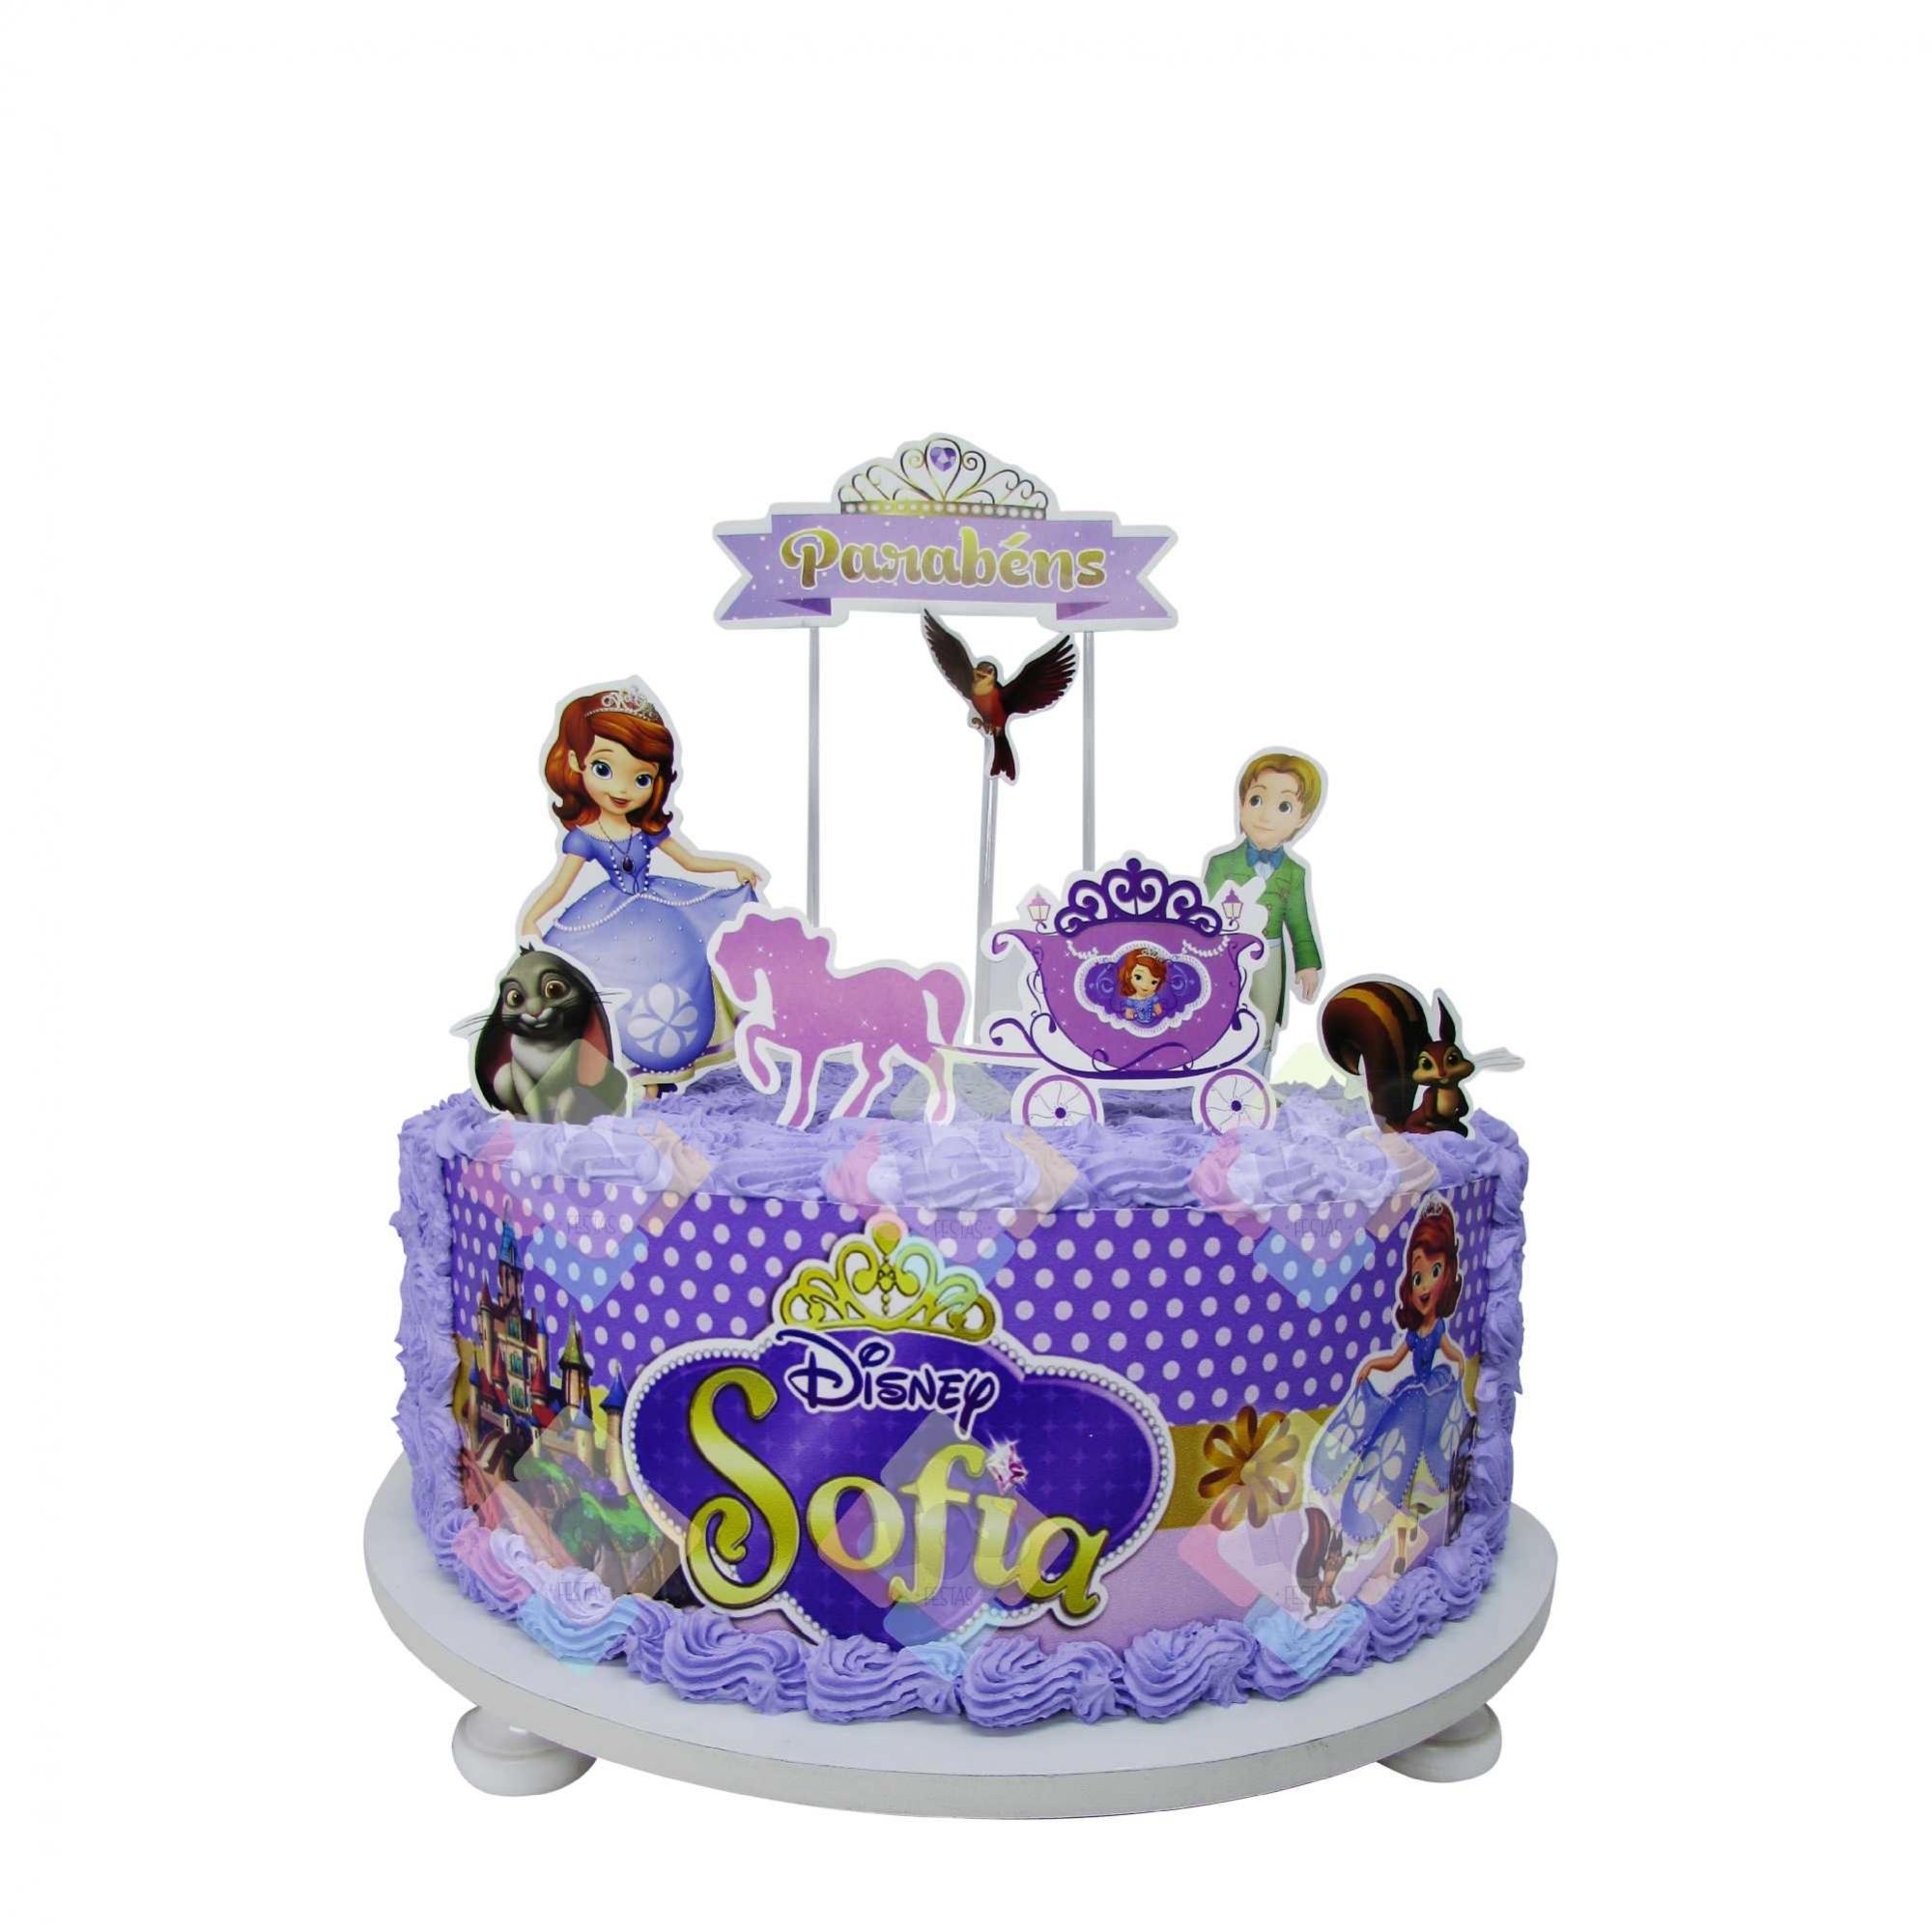 Faixa p/ frente de bolo 30cm temas diversos